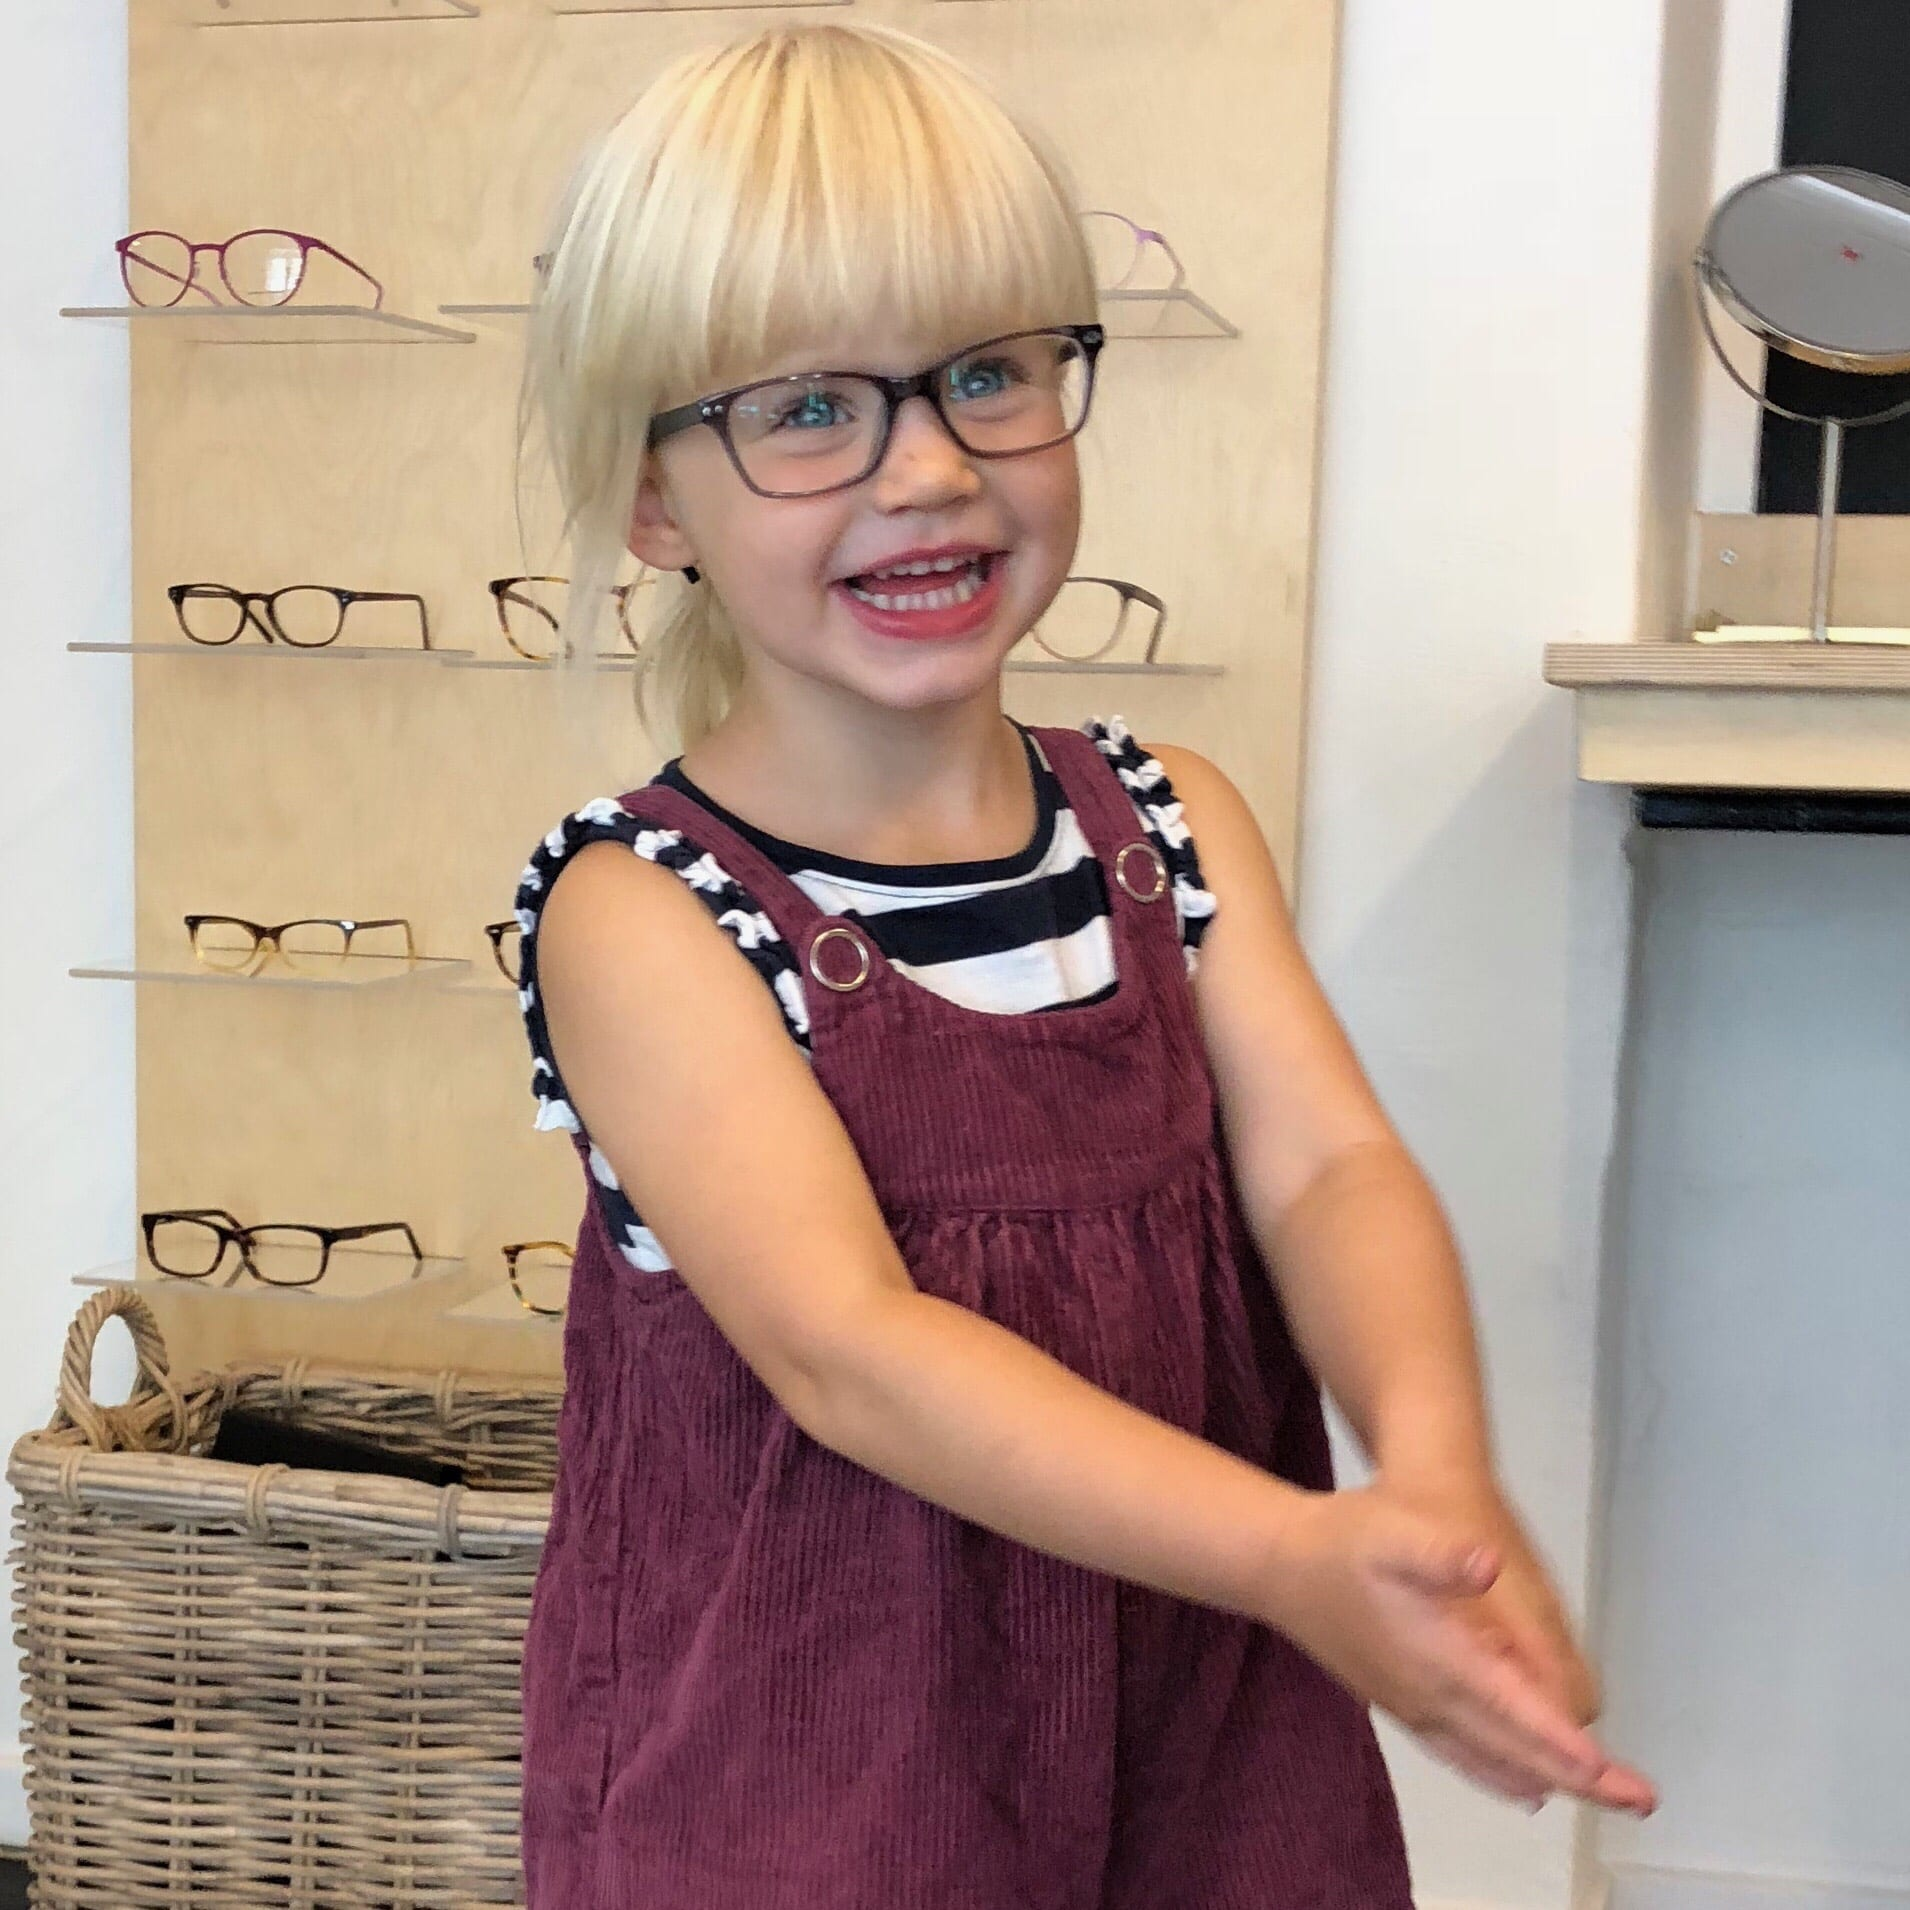 dc870fa527d4 Når ens lille pige skal have briller - Sabinas Verden